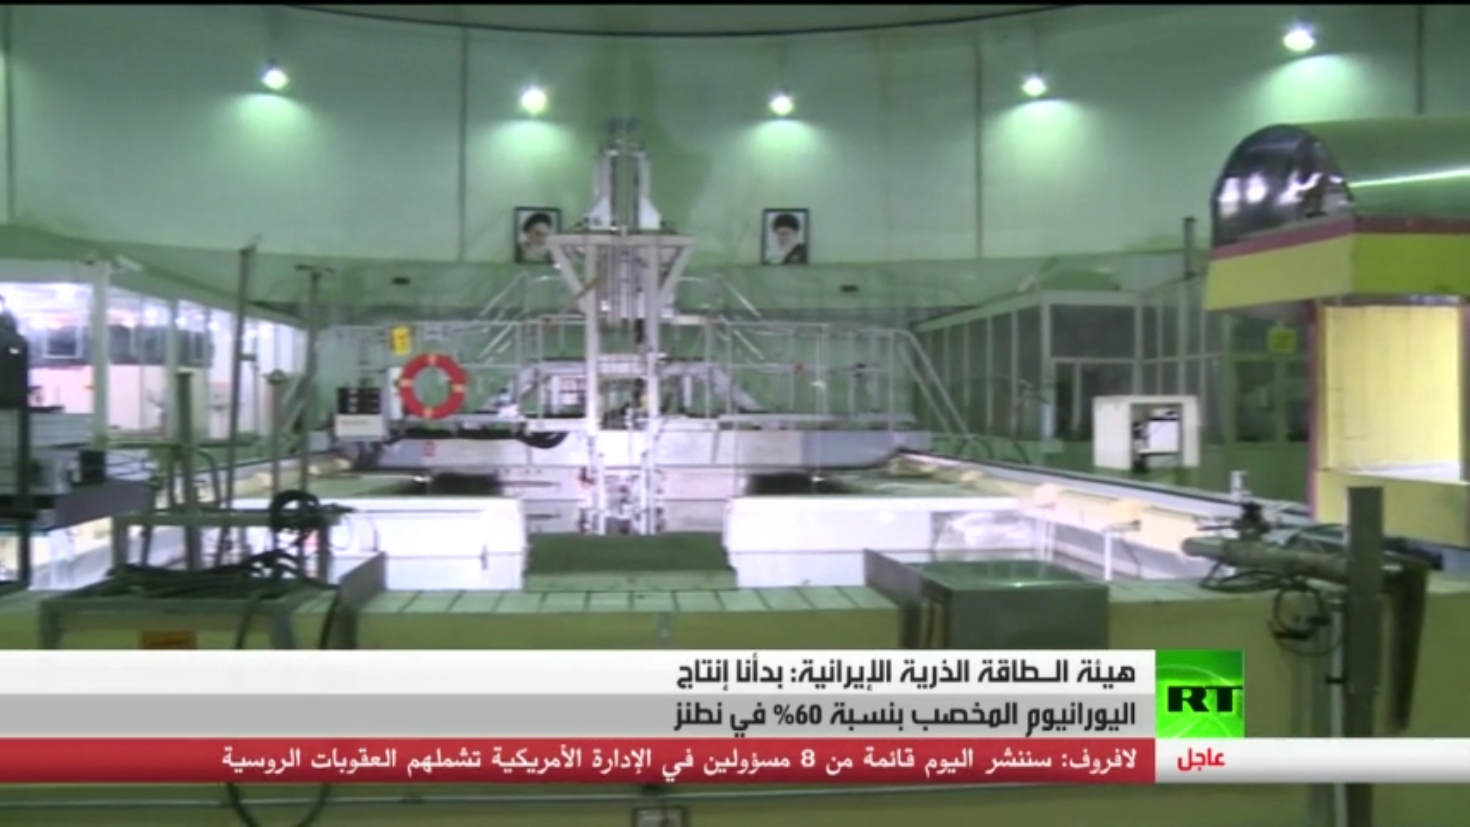 طهران: بدء تخصيب اليورانيوم بنسبة 60% بنطنز